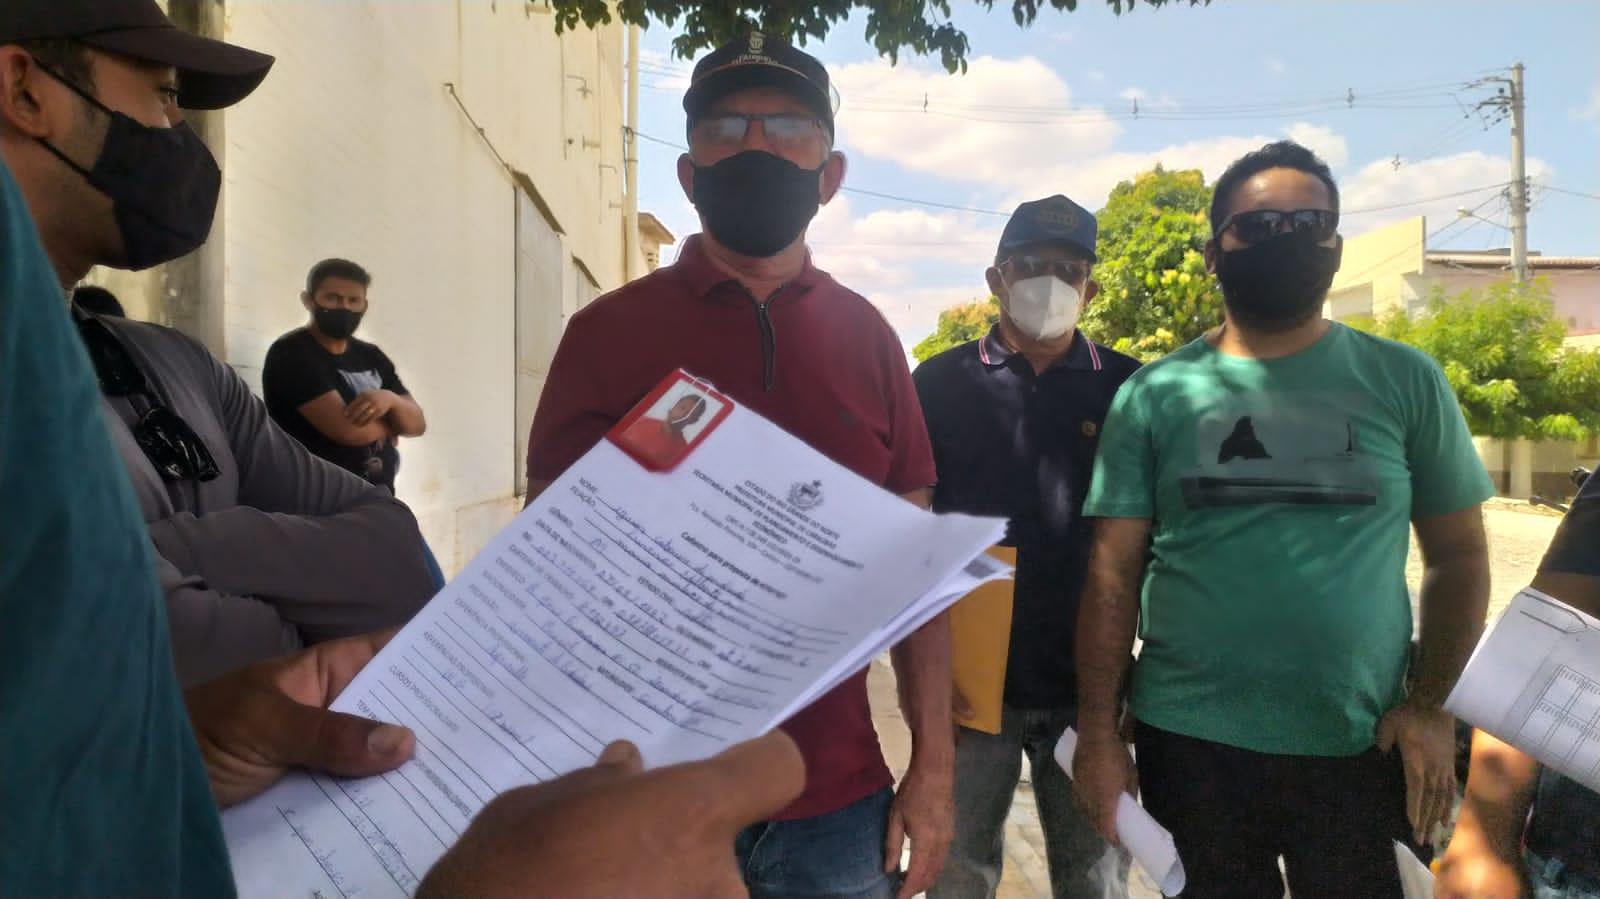 Parceria da prefeitura de Caraúbas envia trabalhadores para fazendas de fruticultura no Ceará